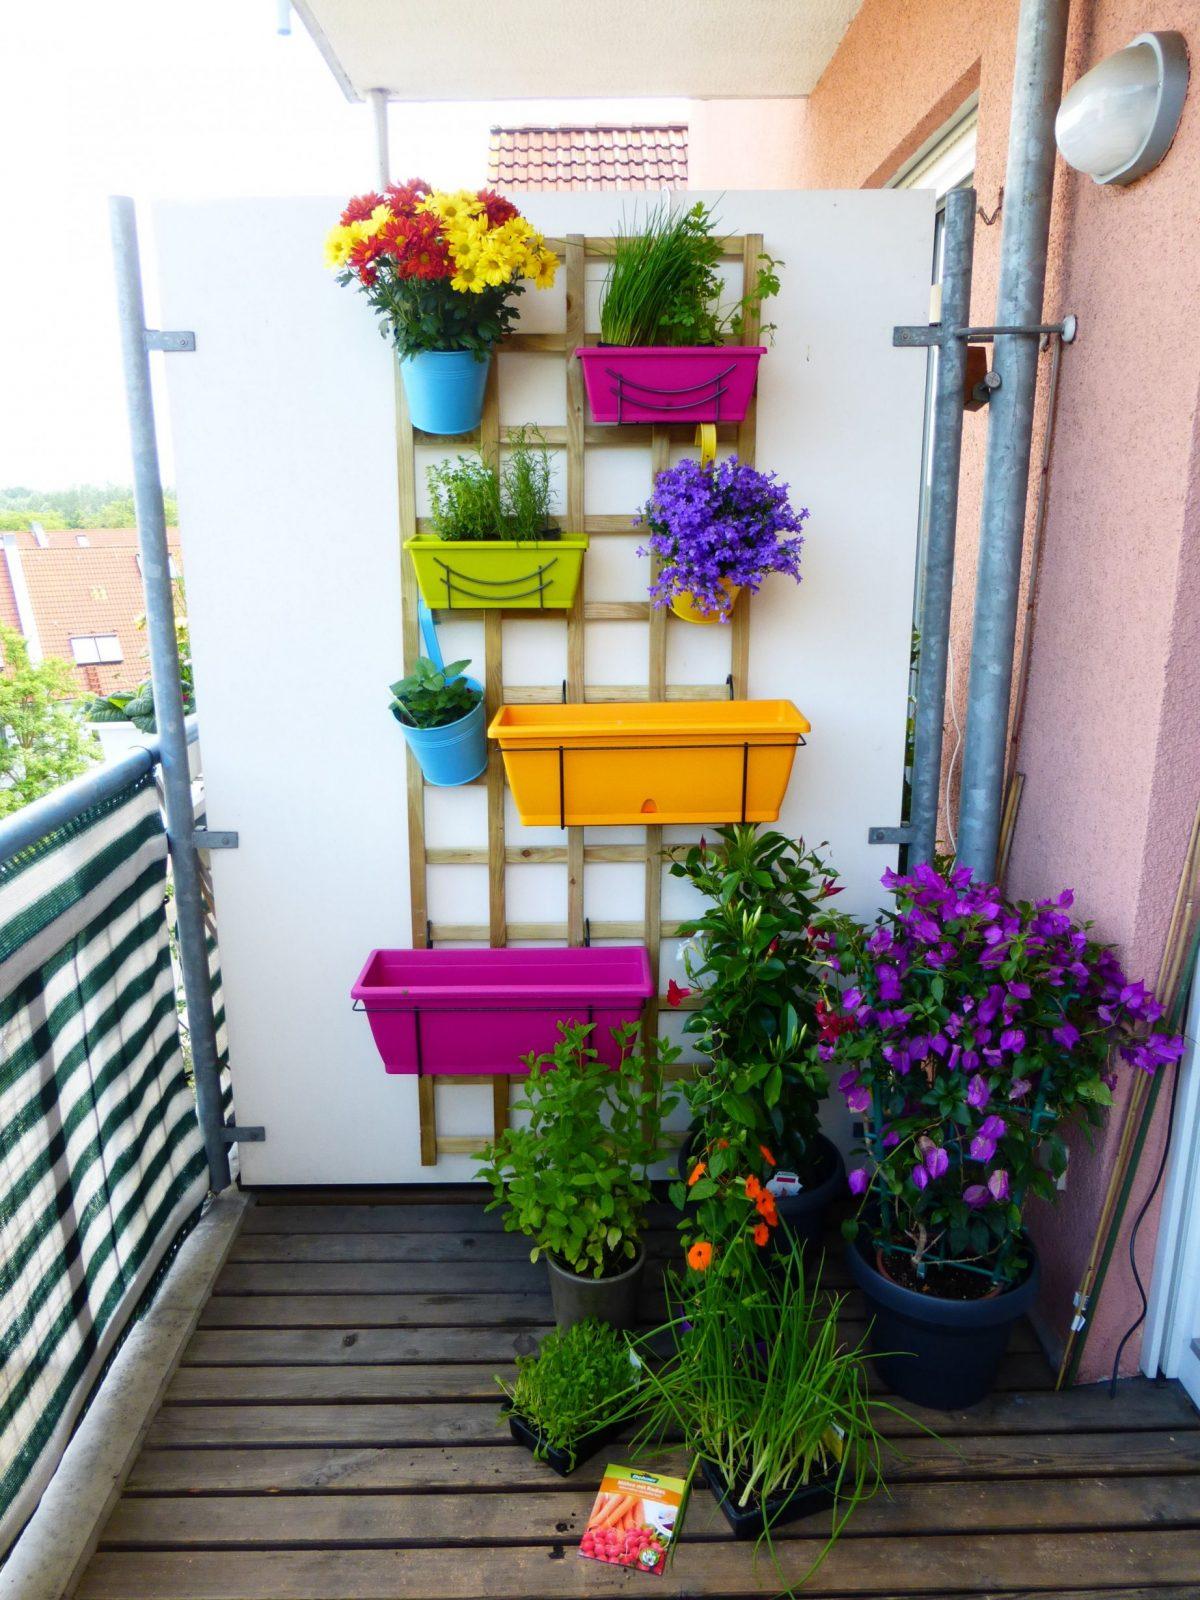 Kleiner Balkon Mit Verschiedenen Pflanzen Und Kräutern In Einem von Balkon Ideen Kleiner Balkon Photo